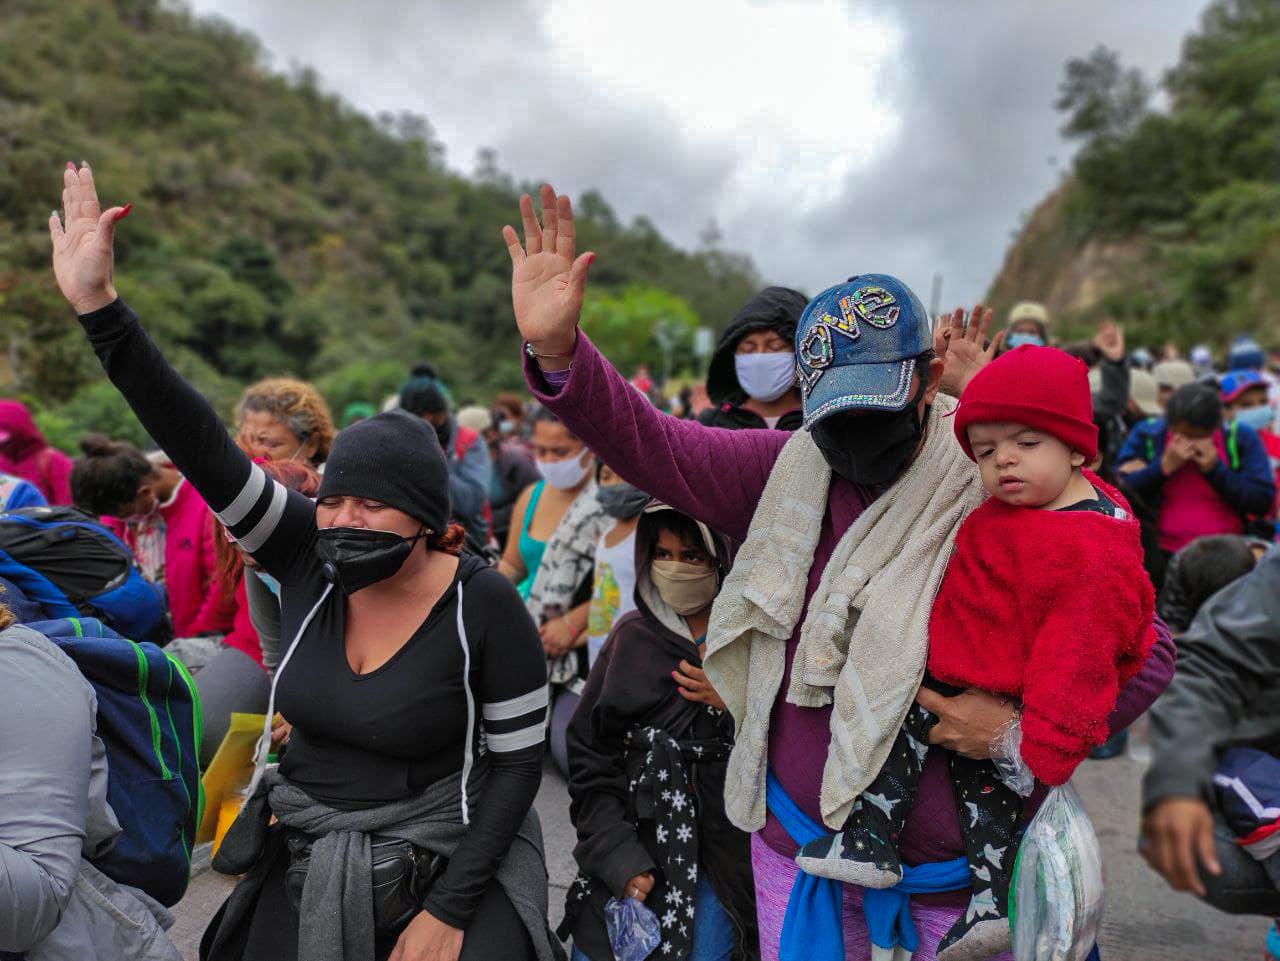 Wendy, su hija de ocho años —una de tres—, realizaron junto a miembros de la caravana una oración por protección divina y para que se les permita continuar su travesía hacia Estados Unidos. El Florido, frontera de Honduras y Guatemala, 16 de enero de 2021. Foto: Deiby Yánes.